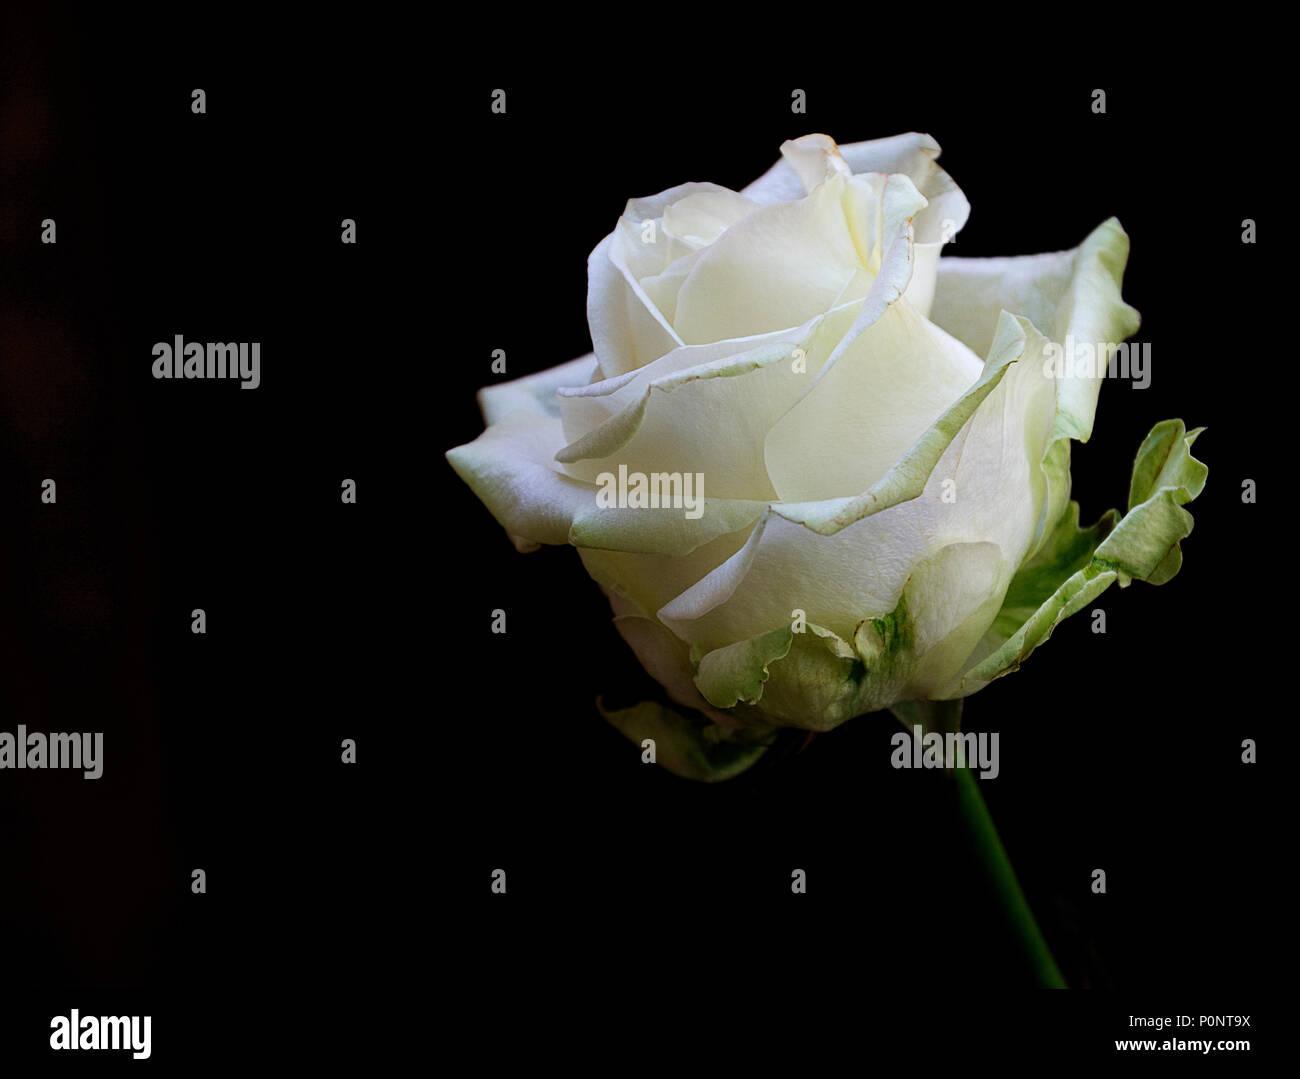 Singola Rosa Bianca Isolata Su Scuro Su Sfondo Nero Che Esprime